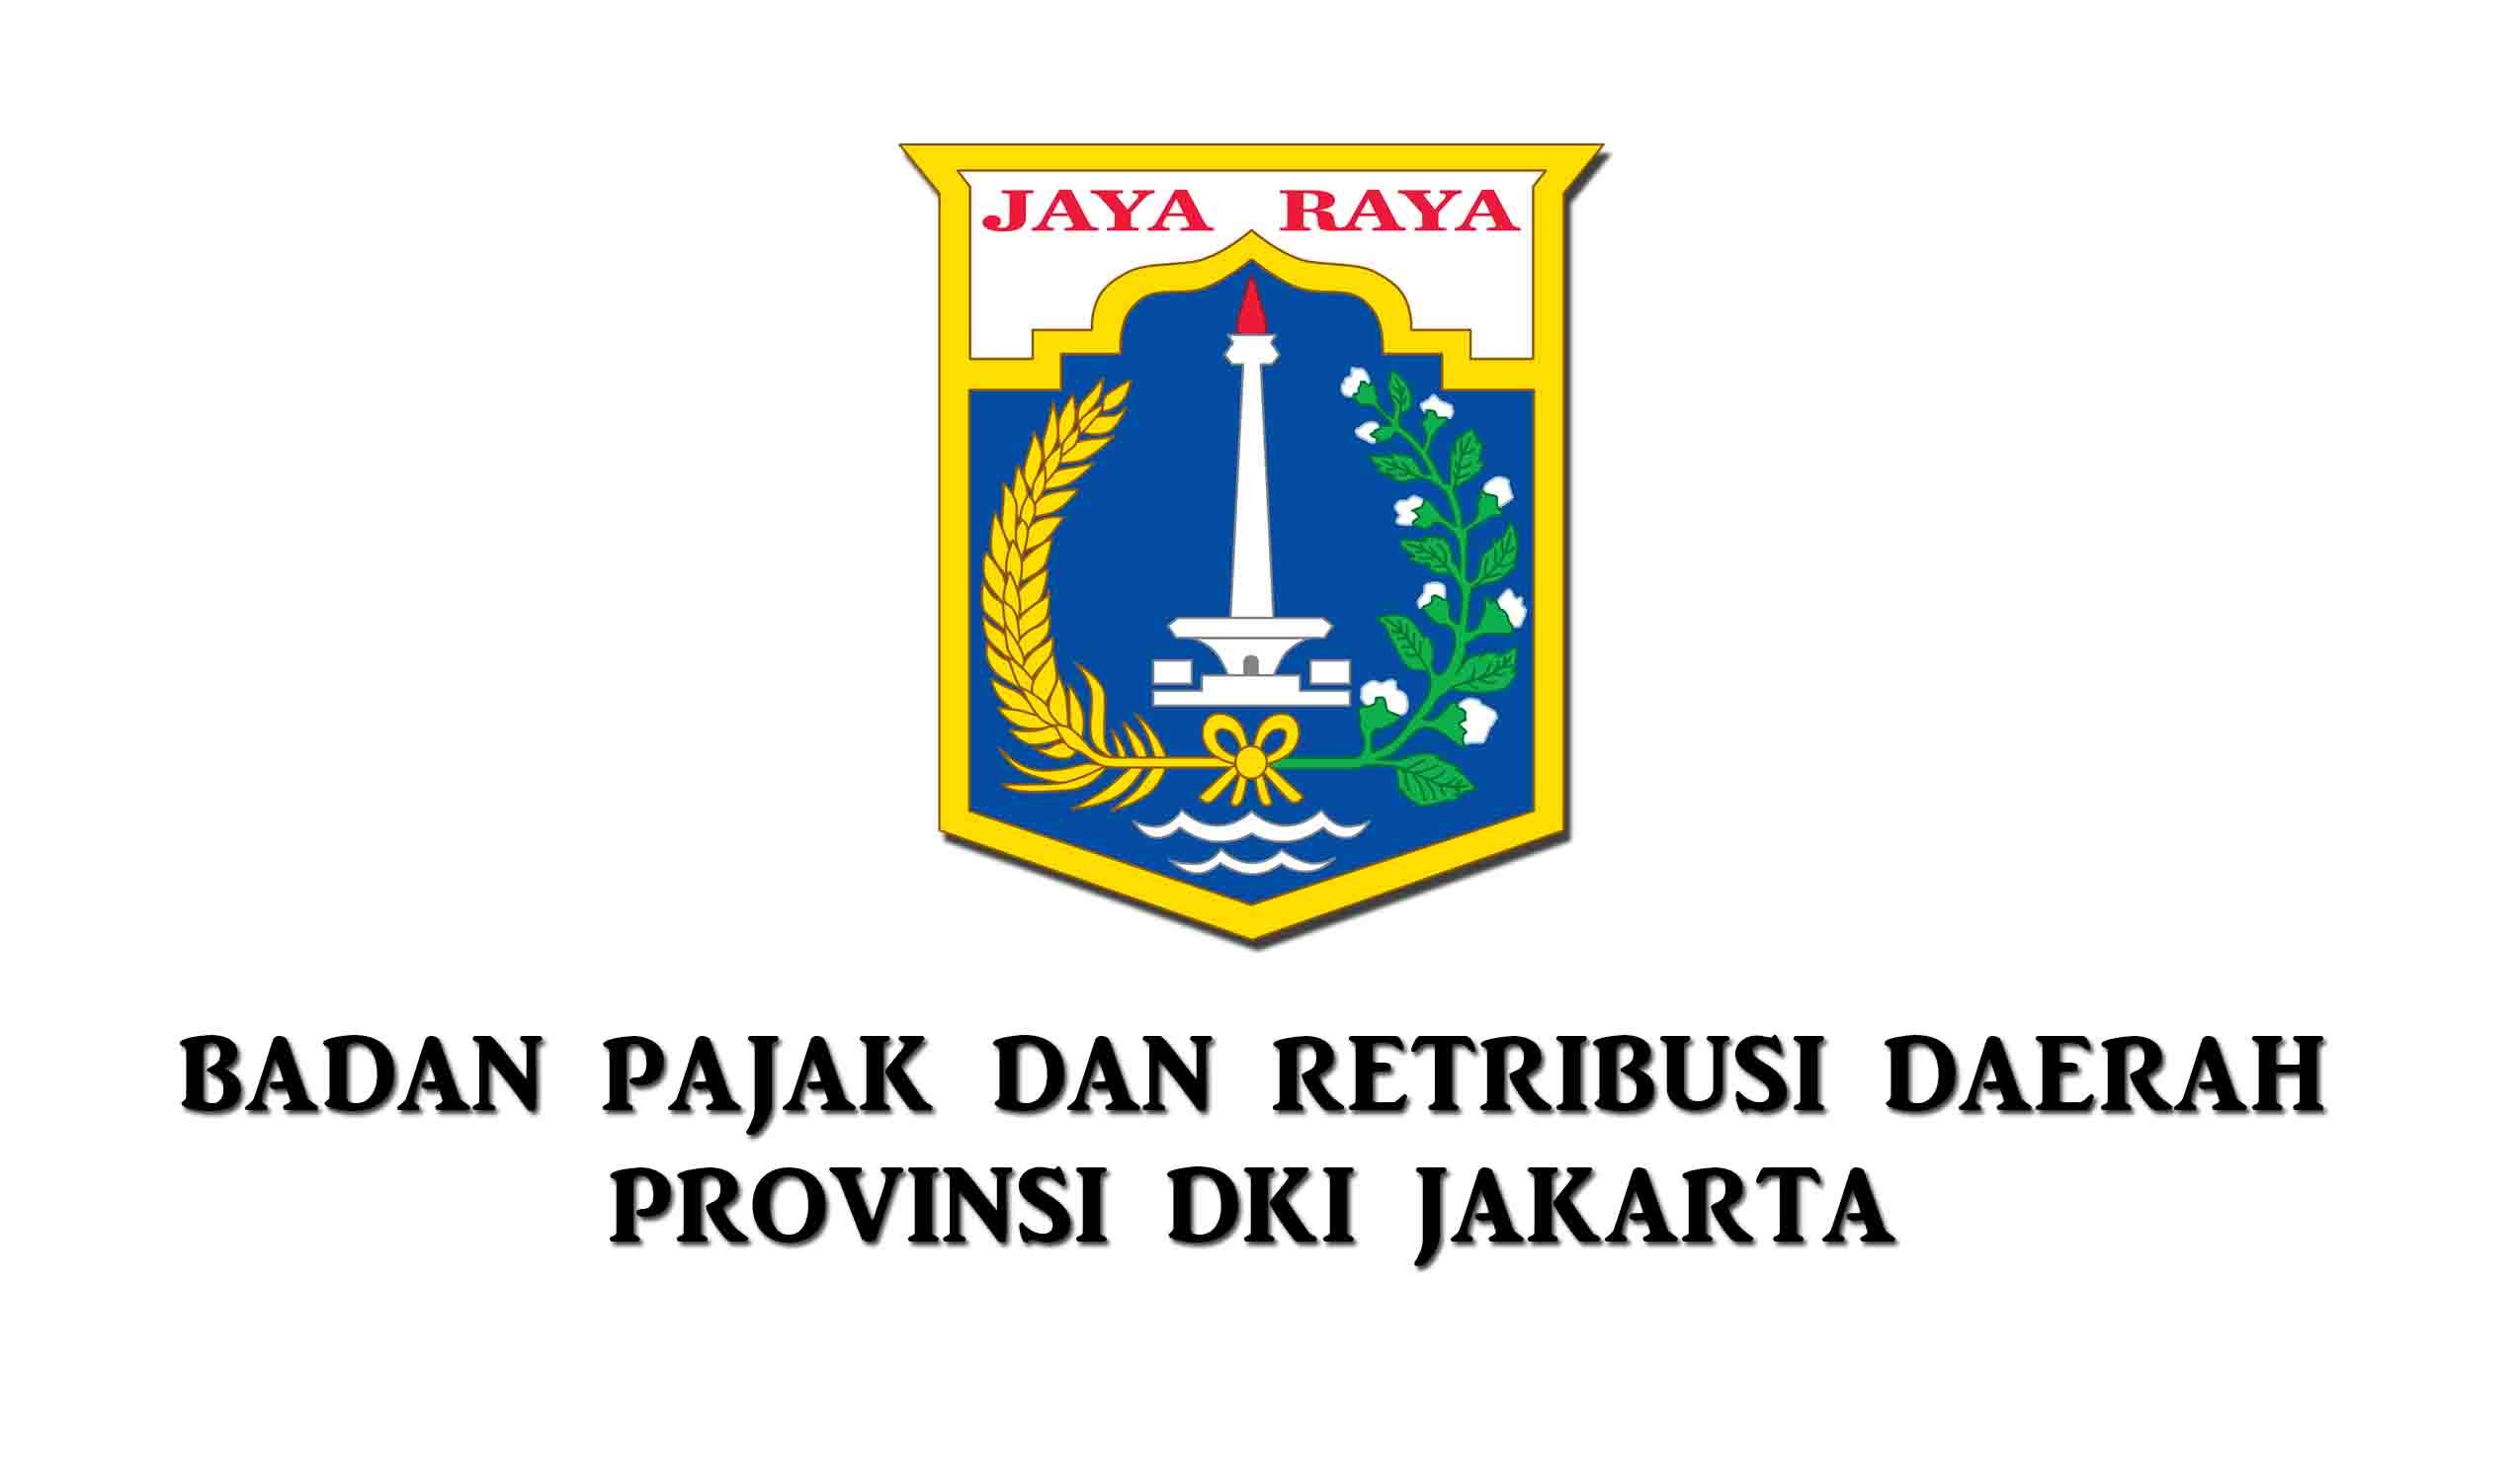 Lowongan Tenaga Ahli Naskah Akademik BPRD Jakarta